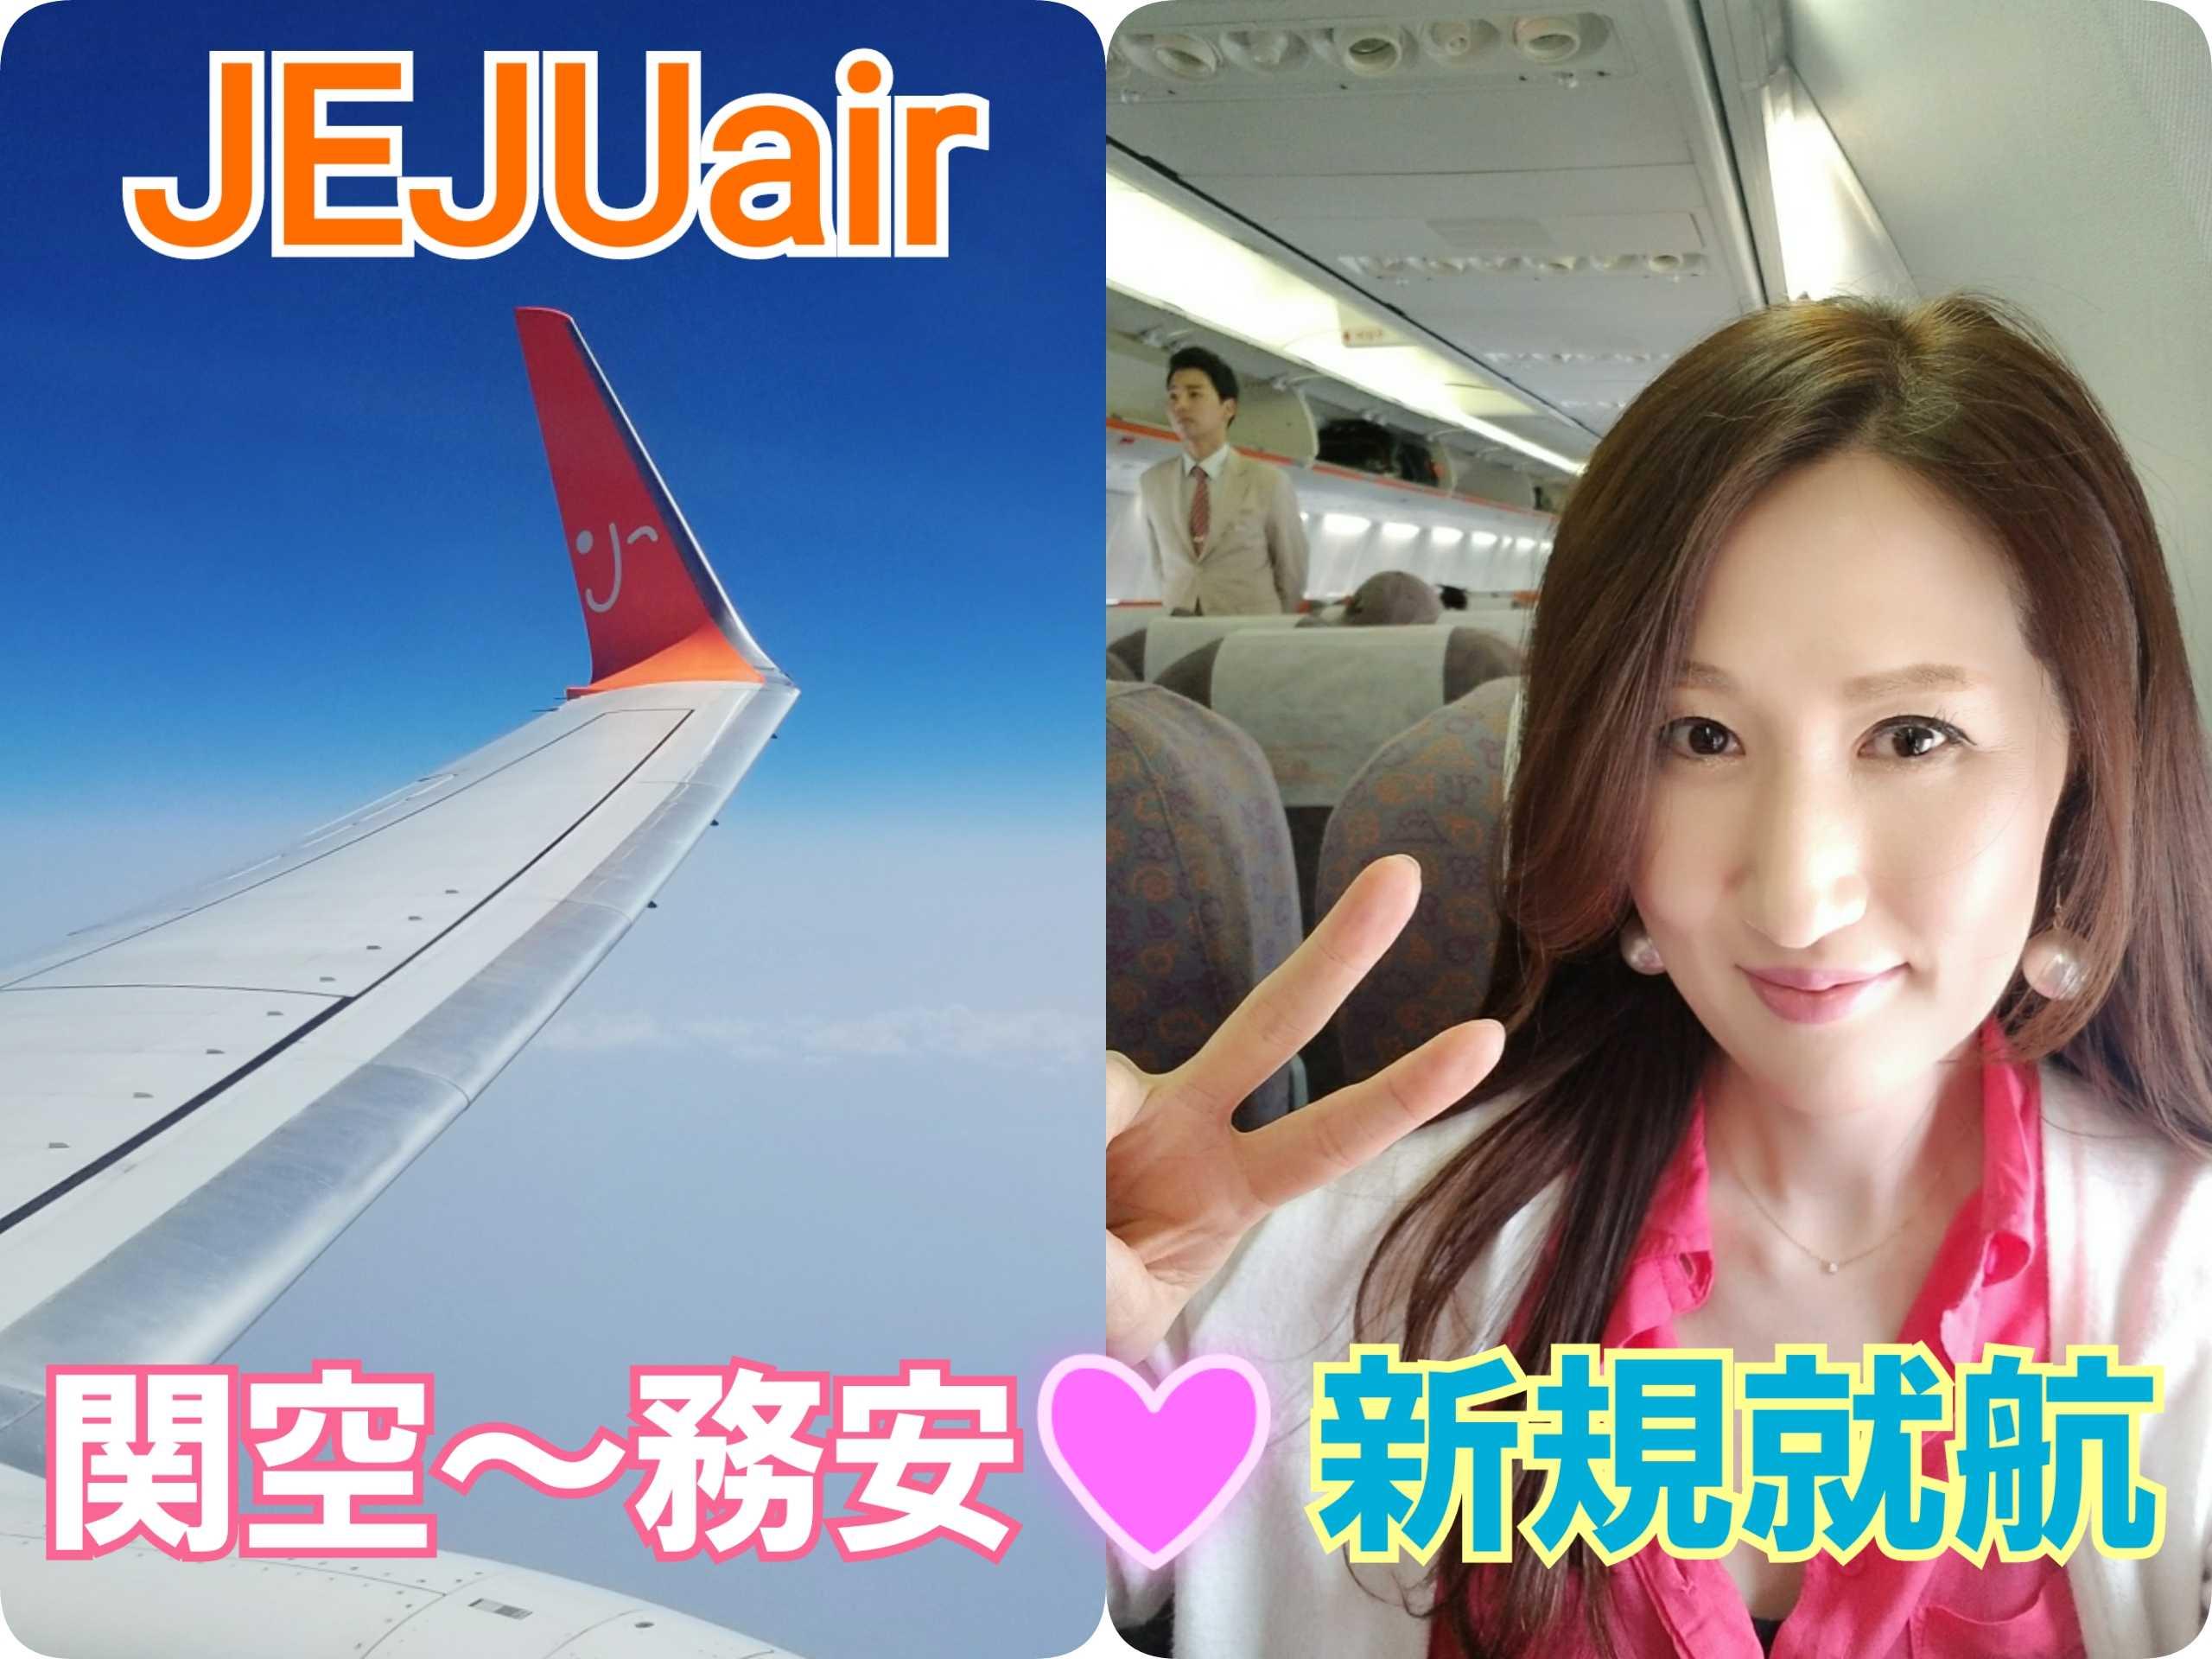 関空⇔務安❤️チェジュ航空新規就航❤️記念フライトで韓国へ